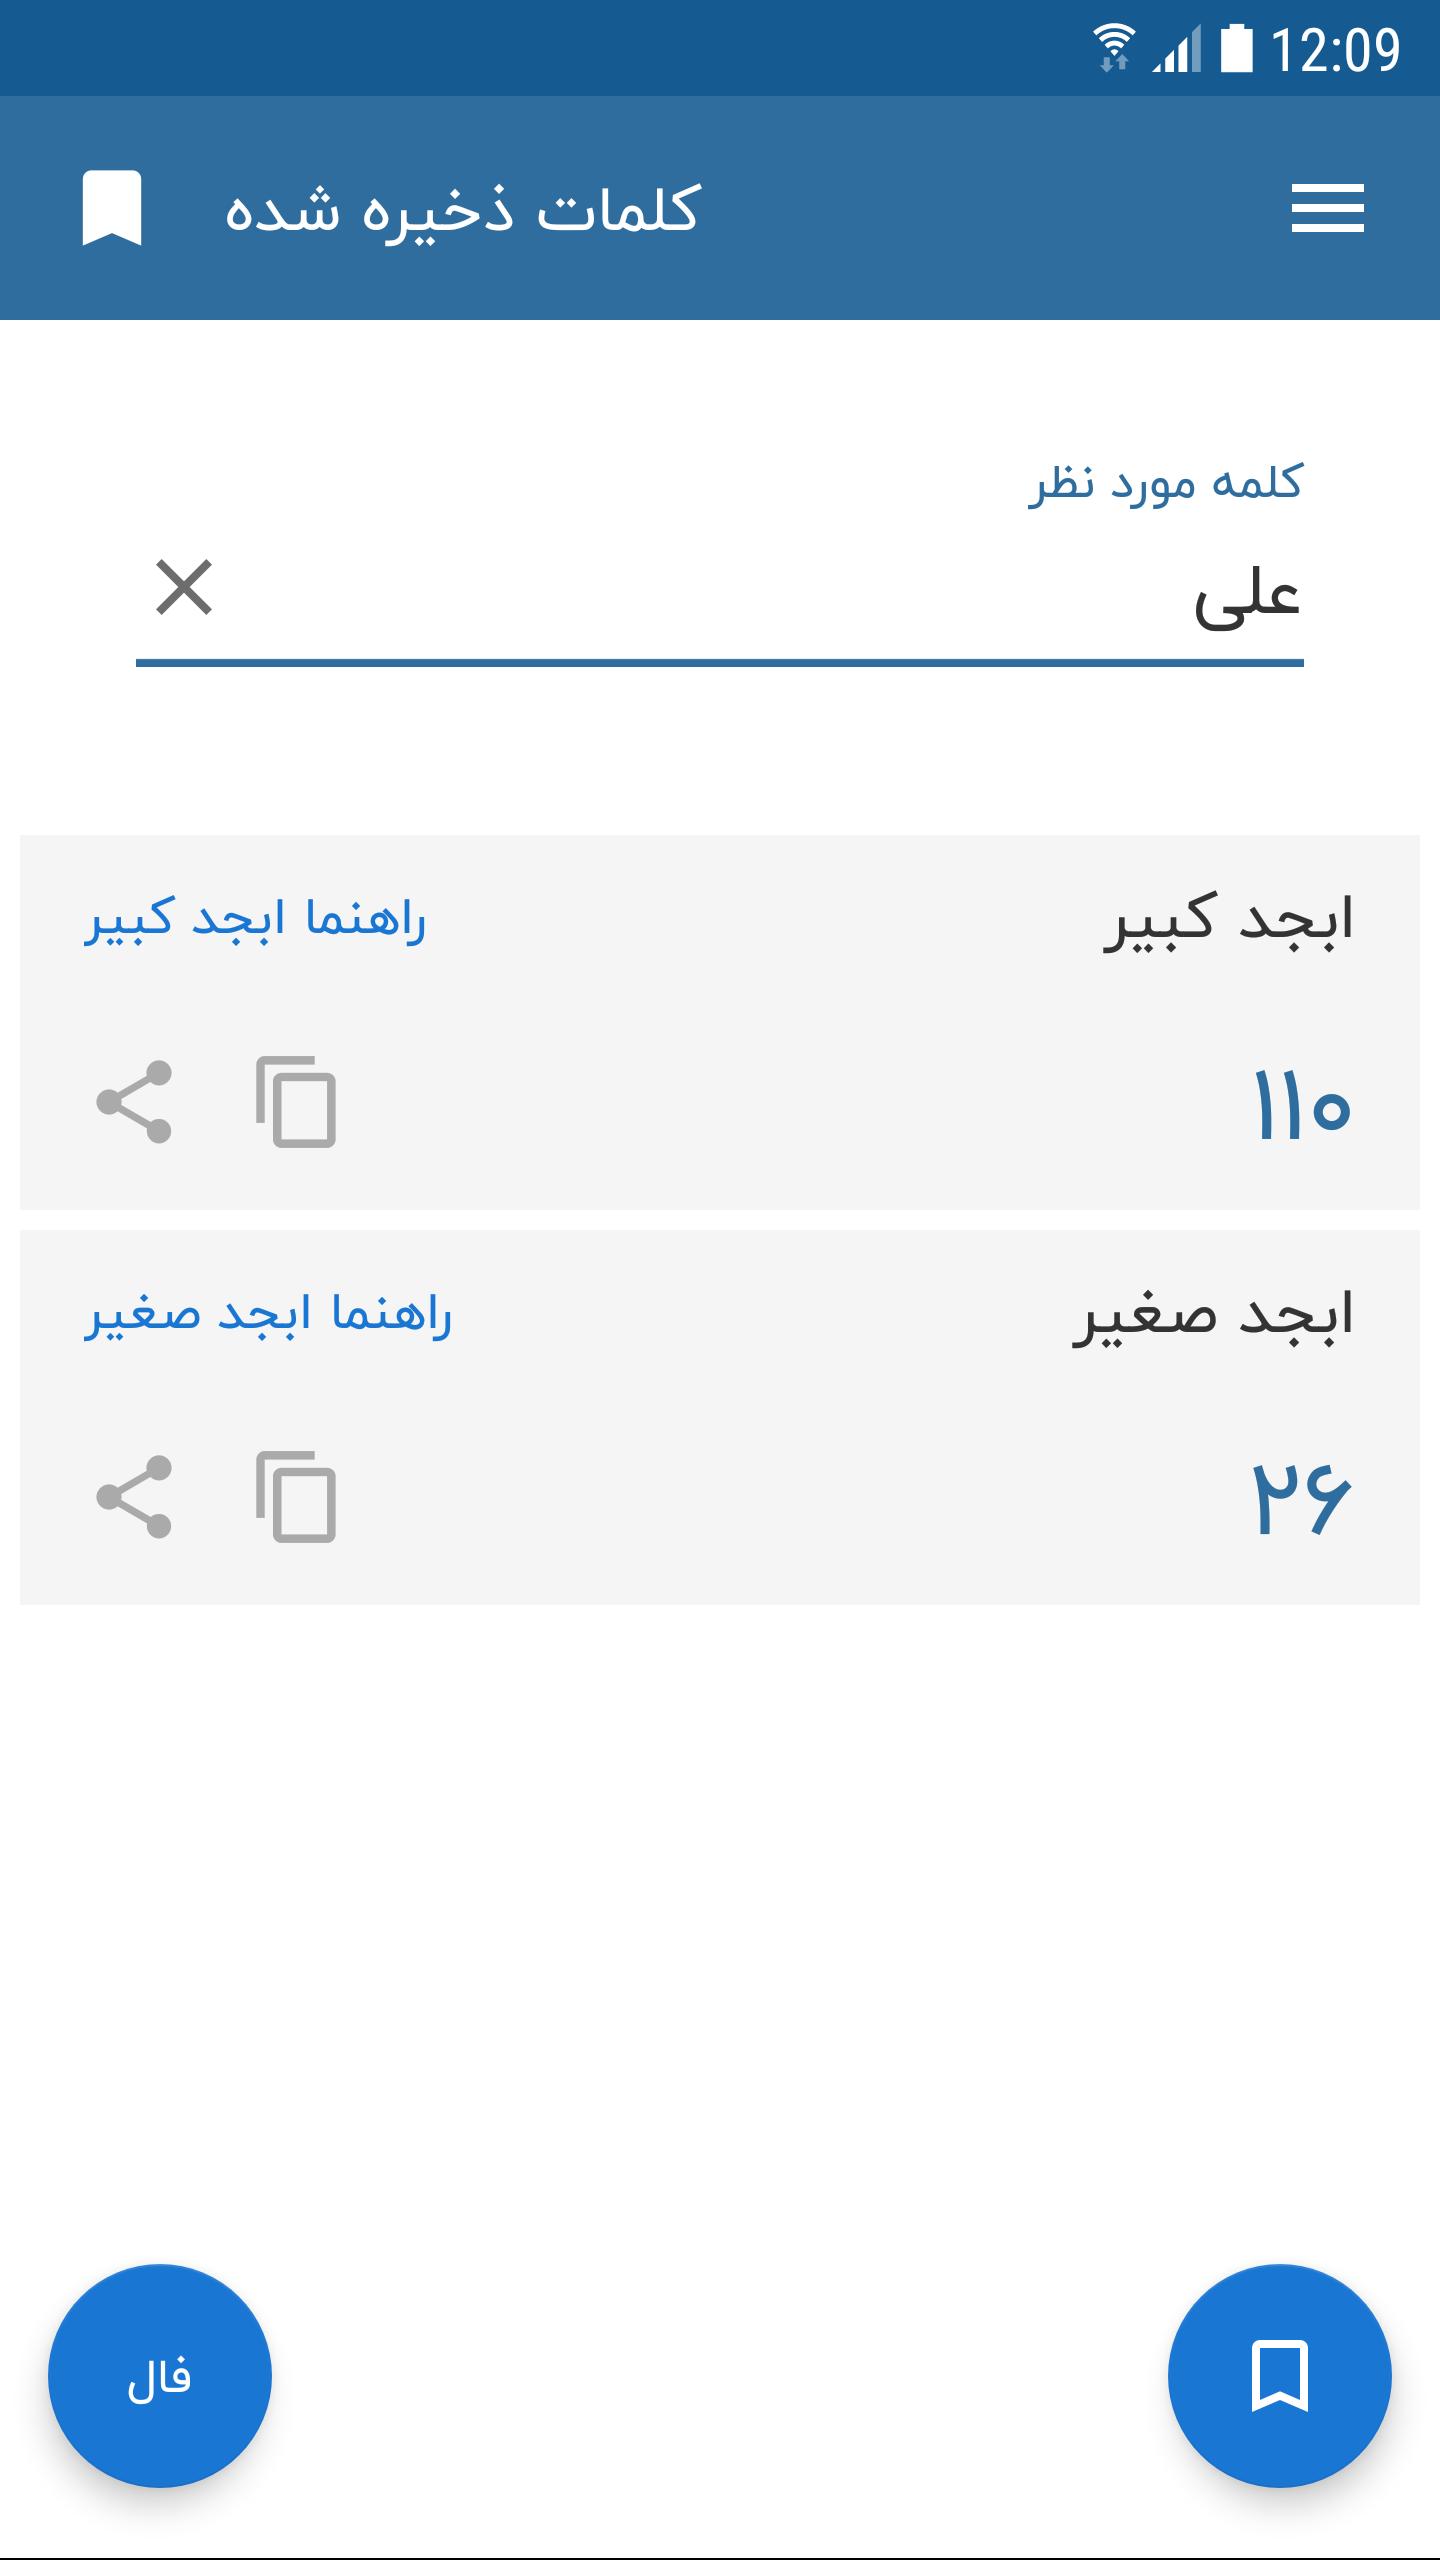 تصویر 6 فال ابجد + محاسبه ابجد